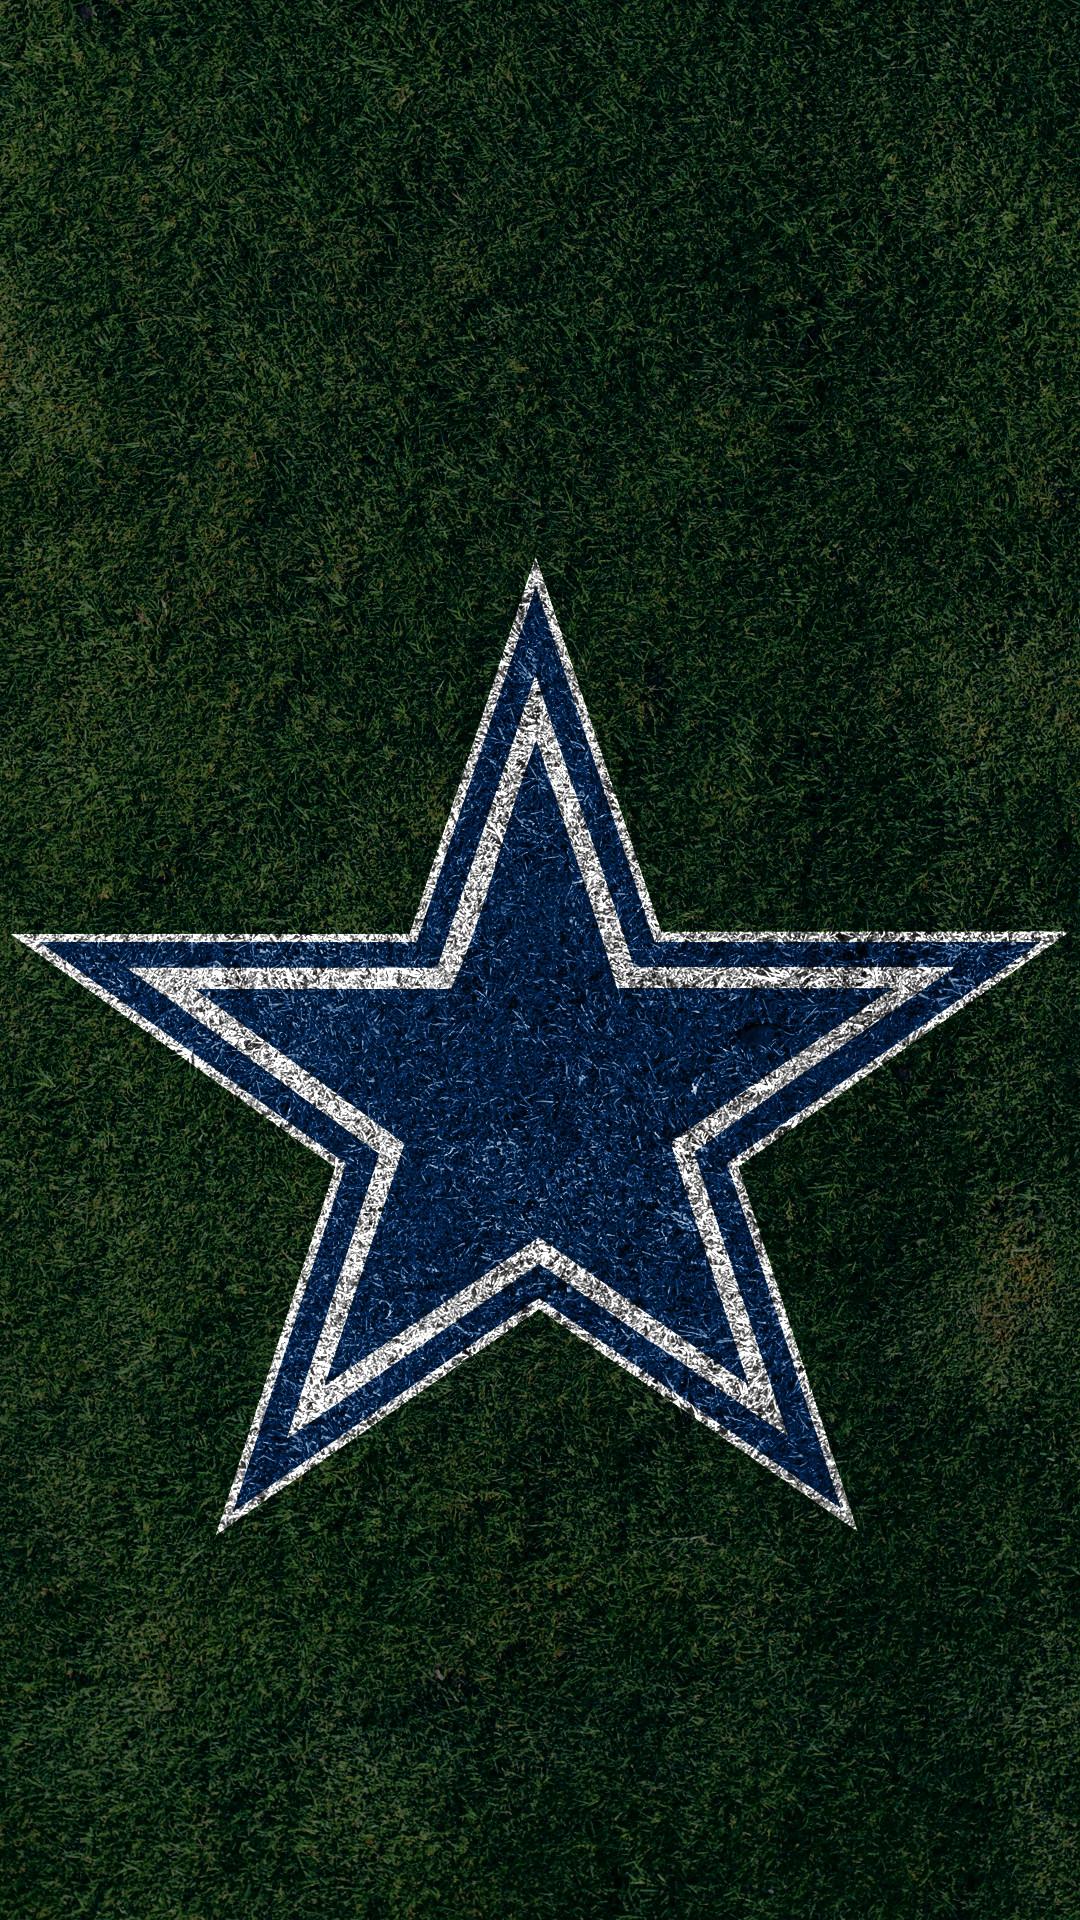 Dallas Cowboys Backgrounds For Desktop Wallpaper   - Large Dallas Cowboys Flag - HD Wallpaper